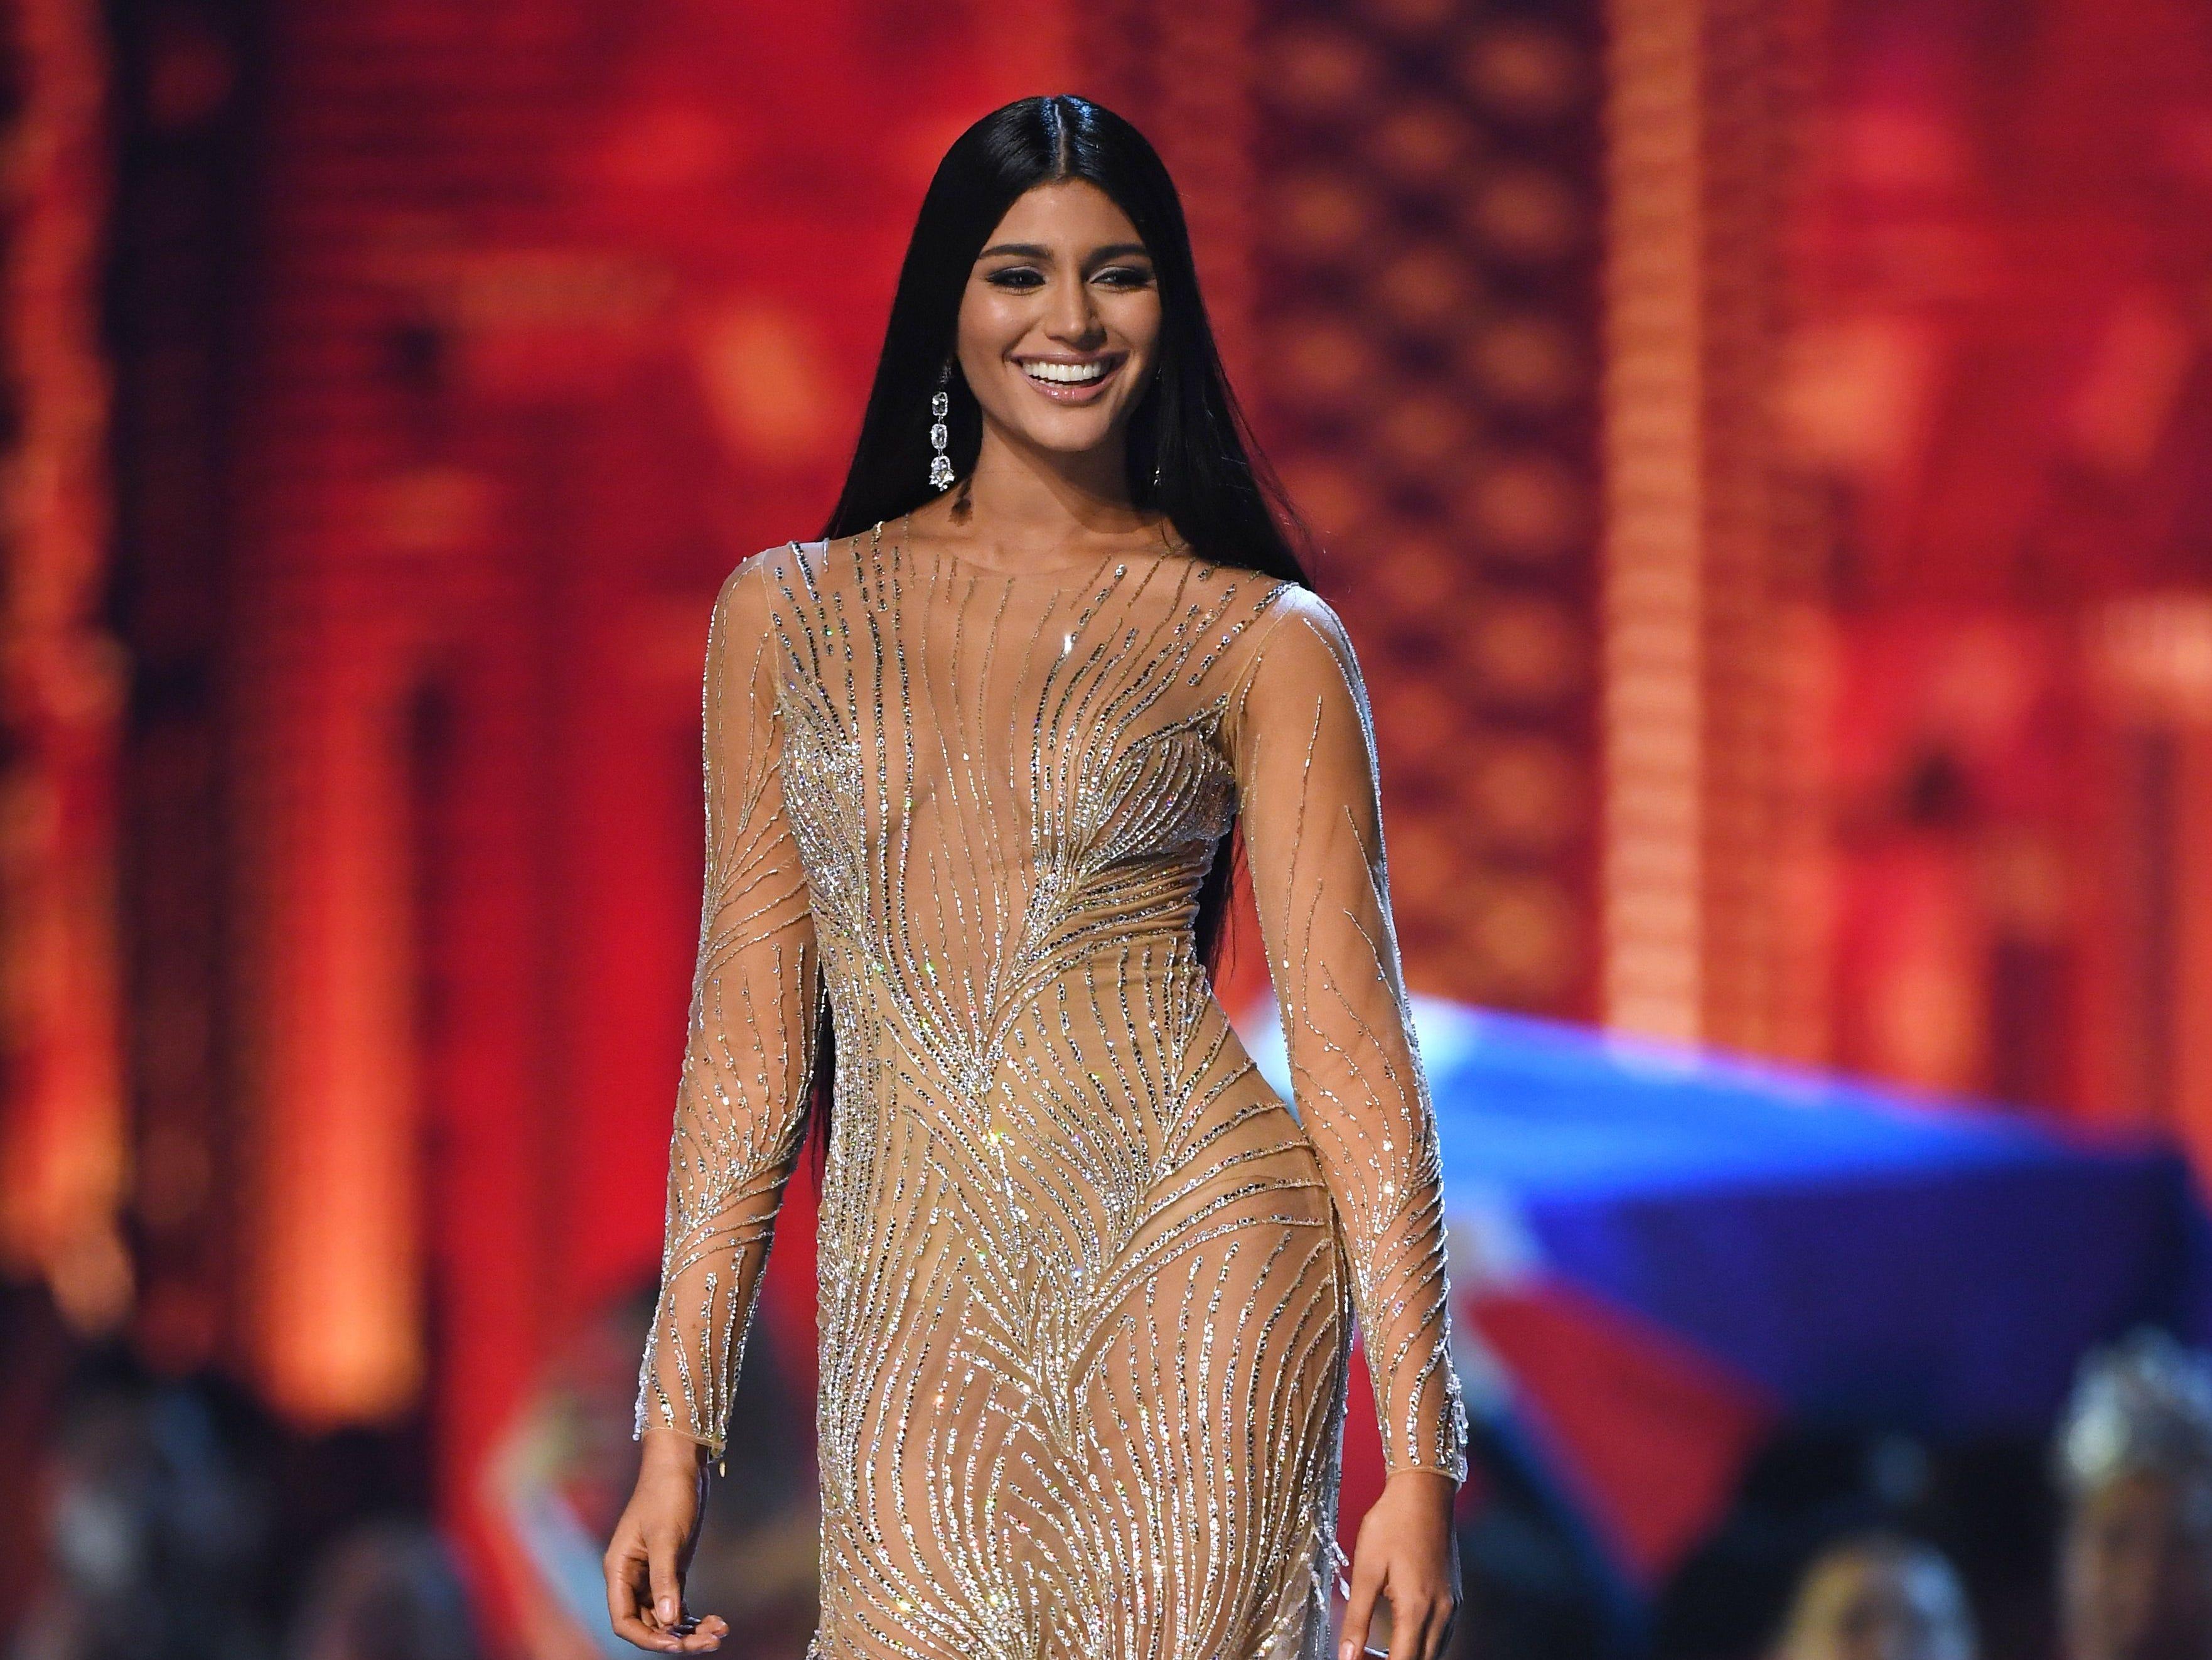 Sthefany Gutierrez de Venezuela en la pasarela luego de ser seleccionada como las 10 mejores finalistas durante el concurso Miss Universo 2018 en Bangkok el 17 de diciembre de 2018.